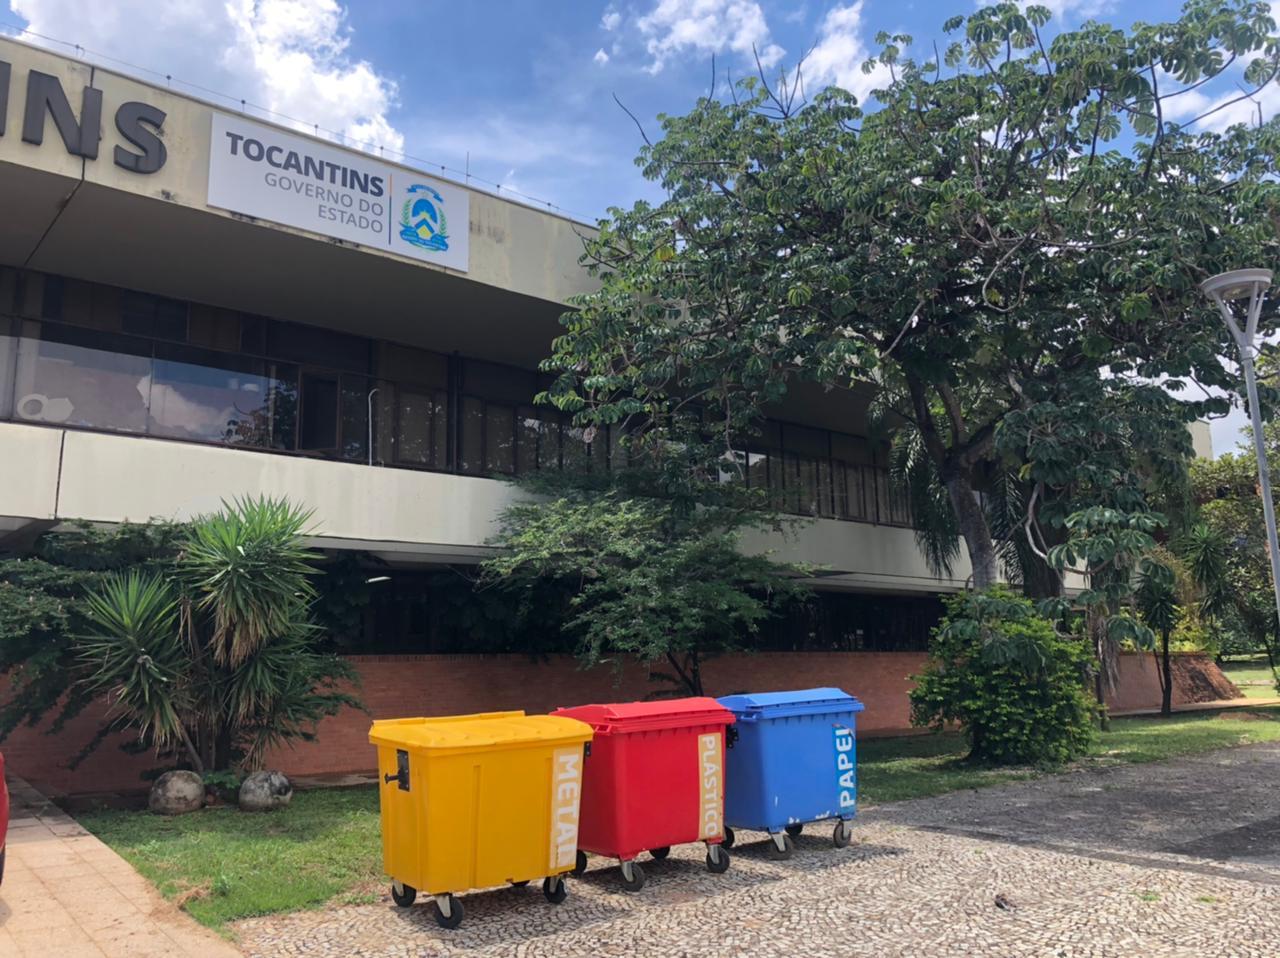 Tocantins Parcerias reforça compromisso ambiental com coleta seletiva de resíduos recicláveis